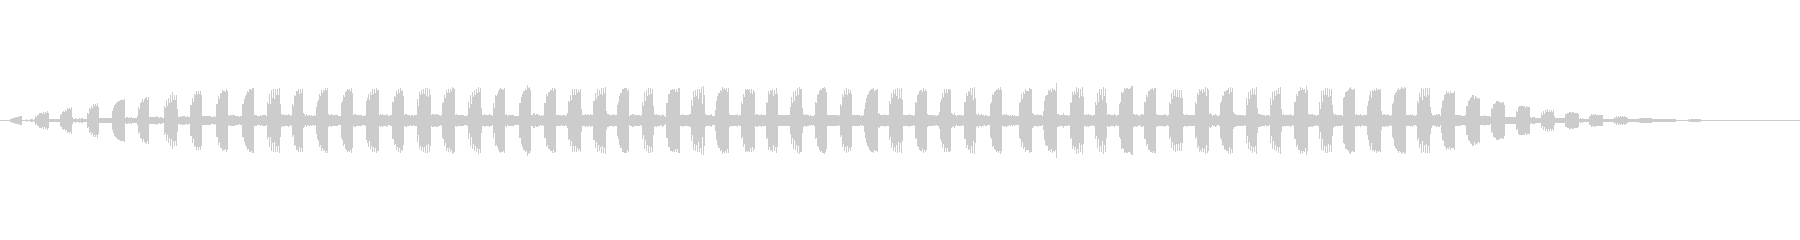 ツヅレサセコオロギの鳴き声1の未再生の波形